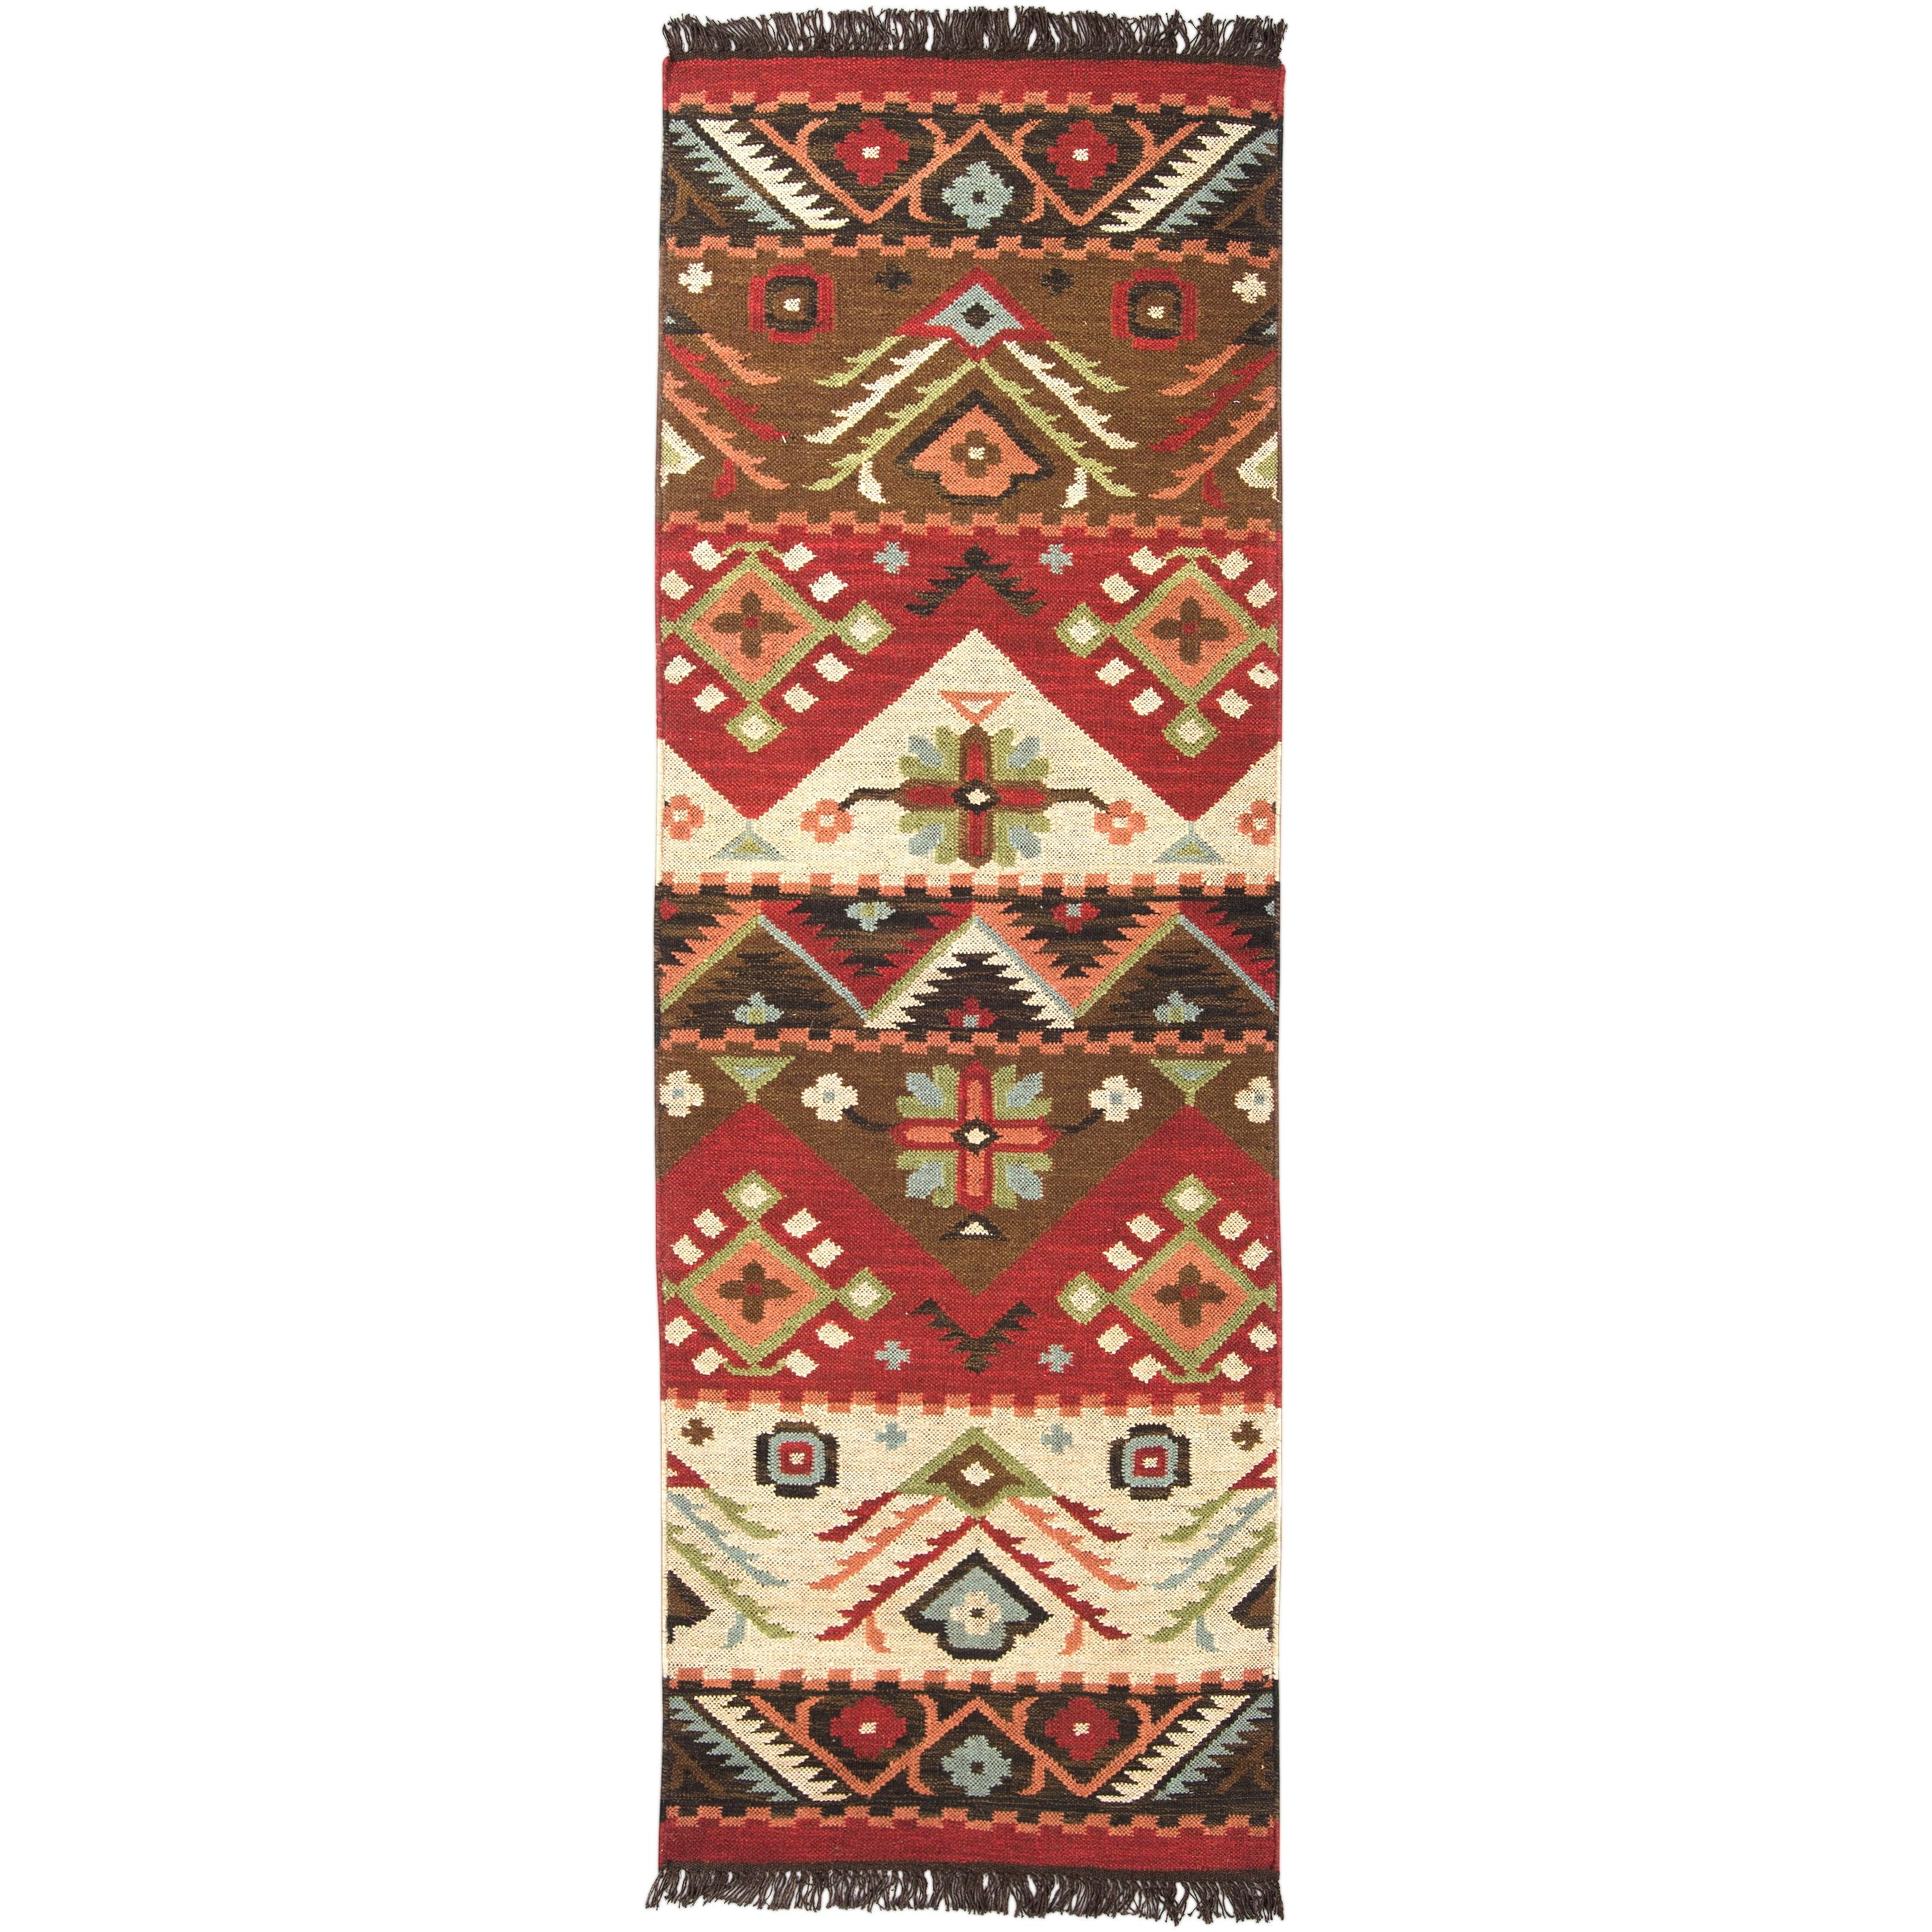 Hand-woven Red/Tan Southwestern Aztec Santa Fe Wool Flatw...